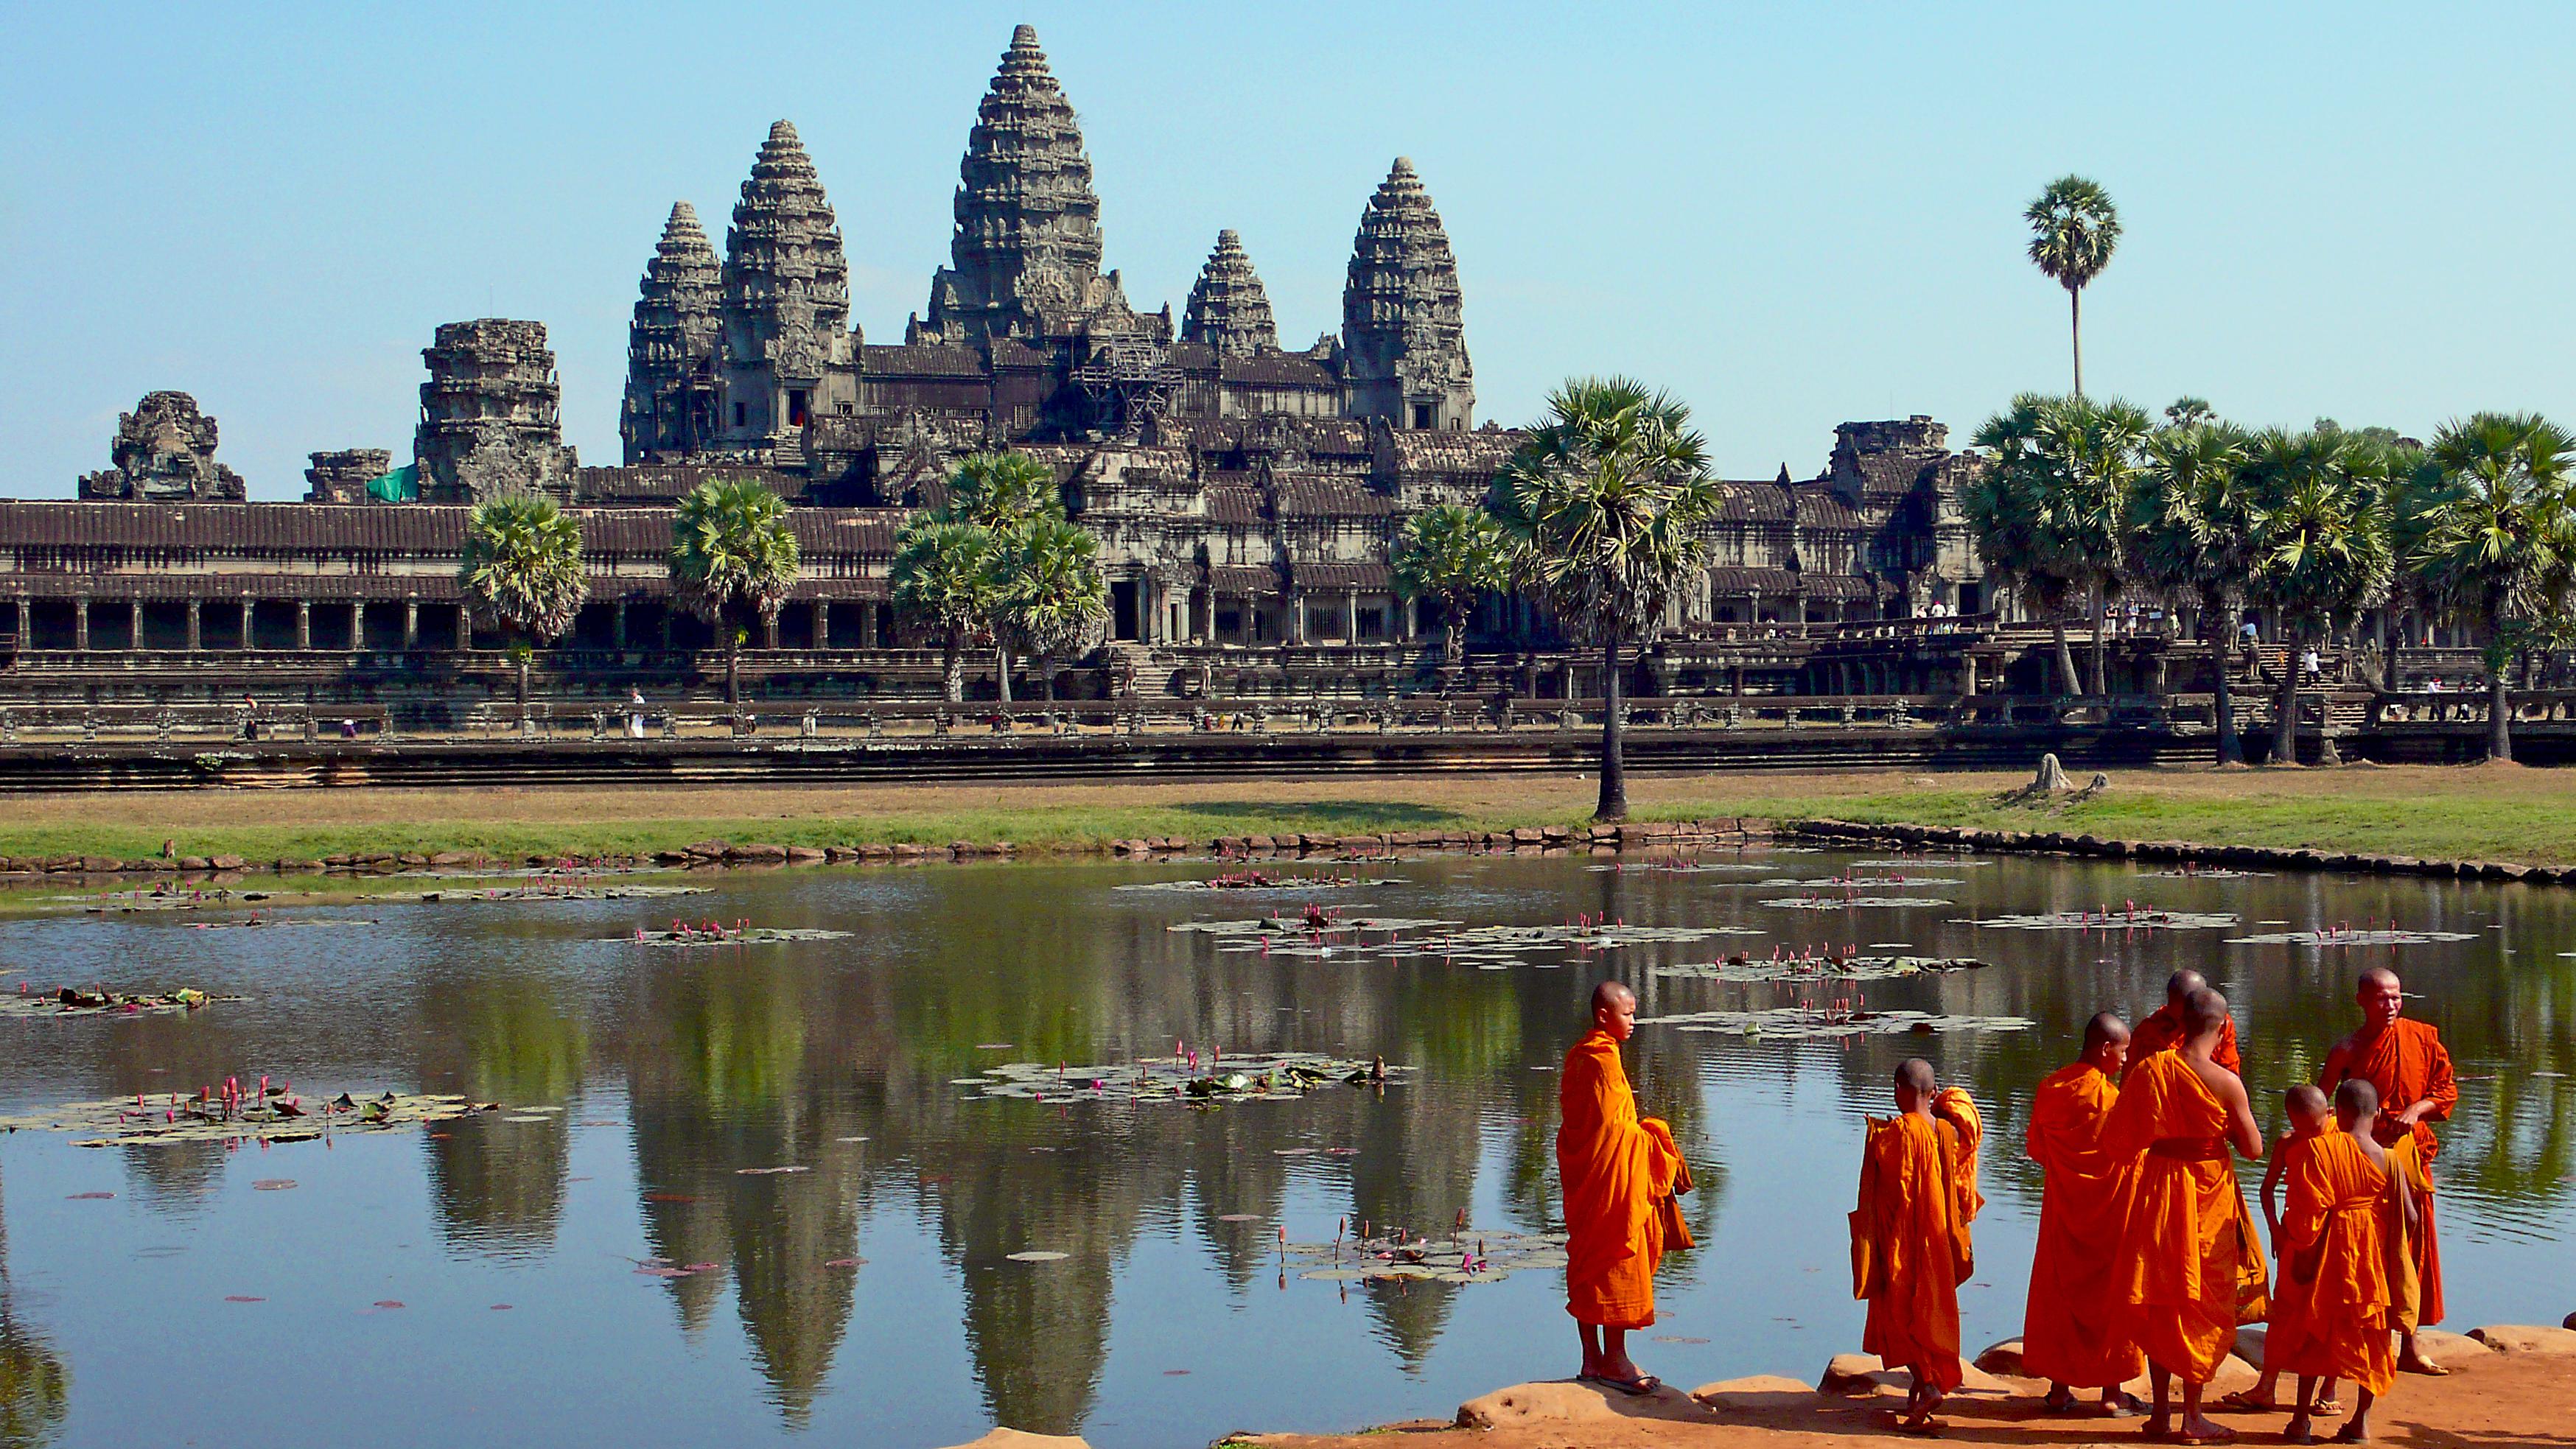 柬埔寨投資旅遊考察 名產美食、按摩、酒吧&夜店 旅遊懶人包 @東南亞投資報告